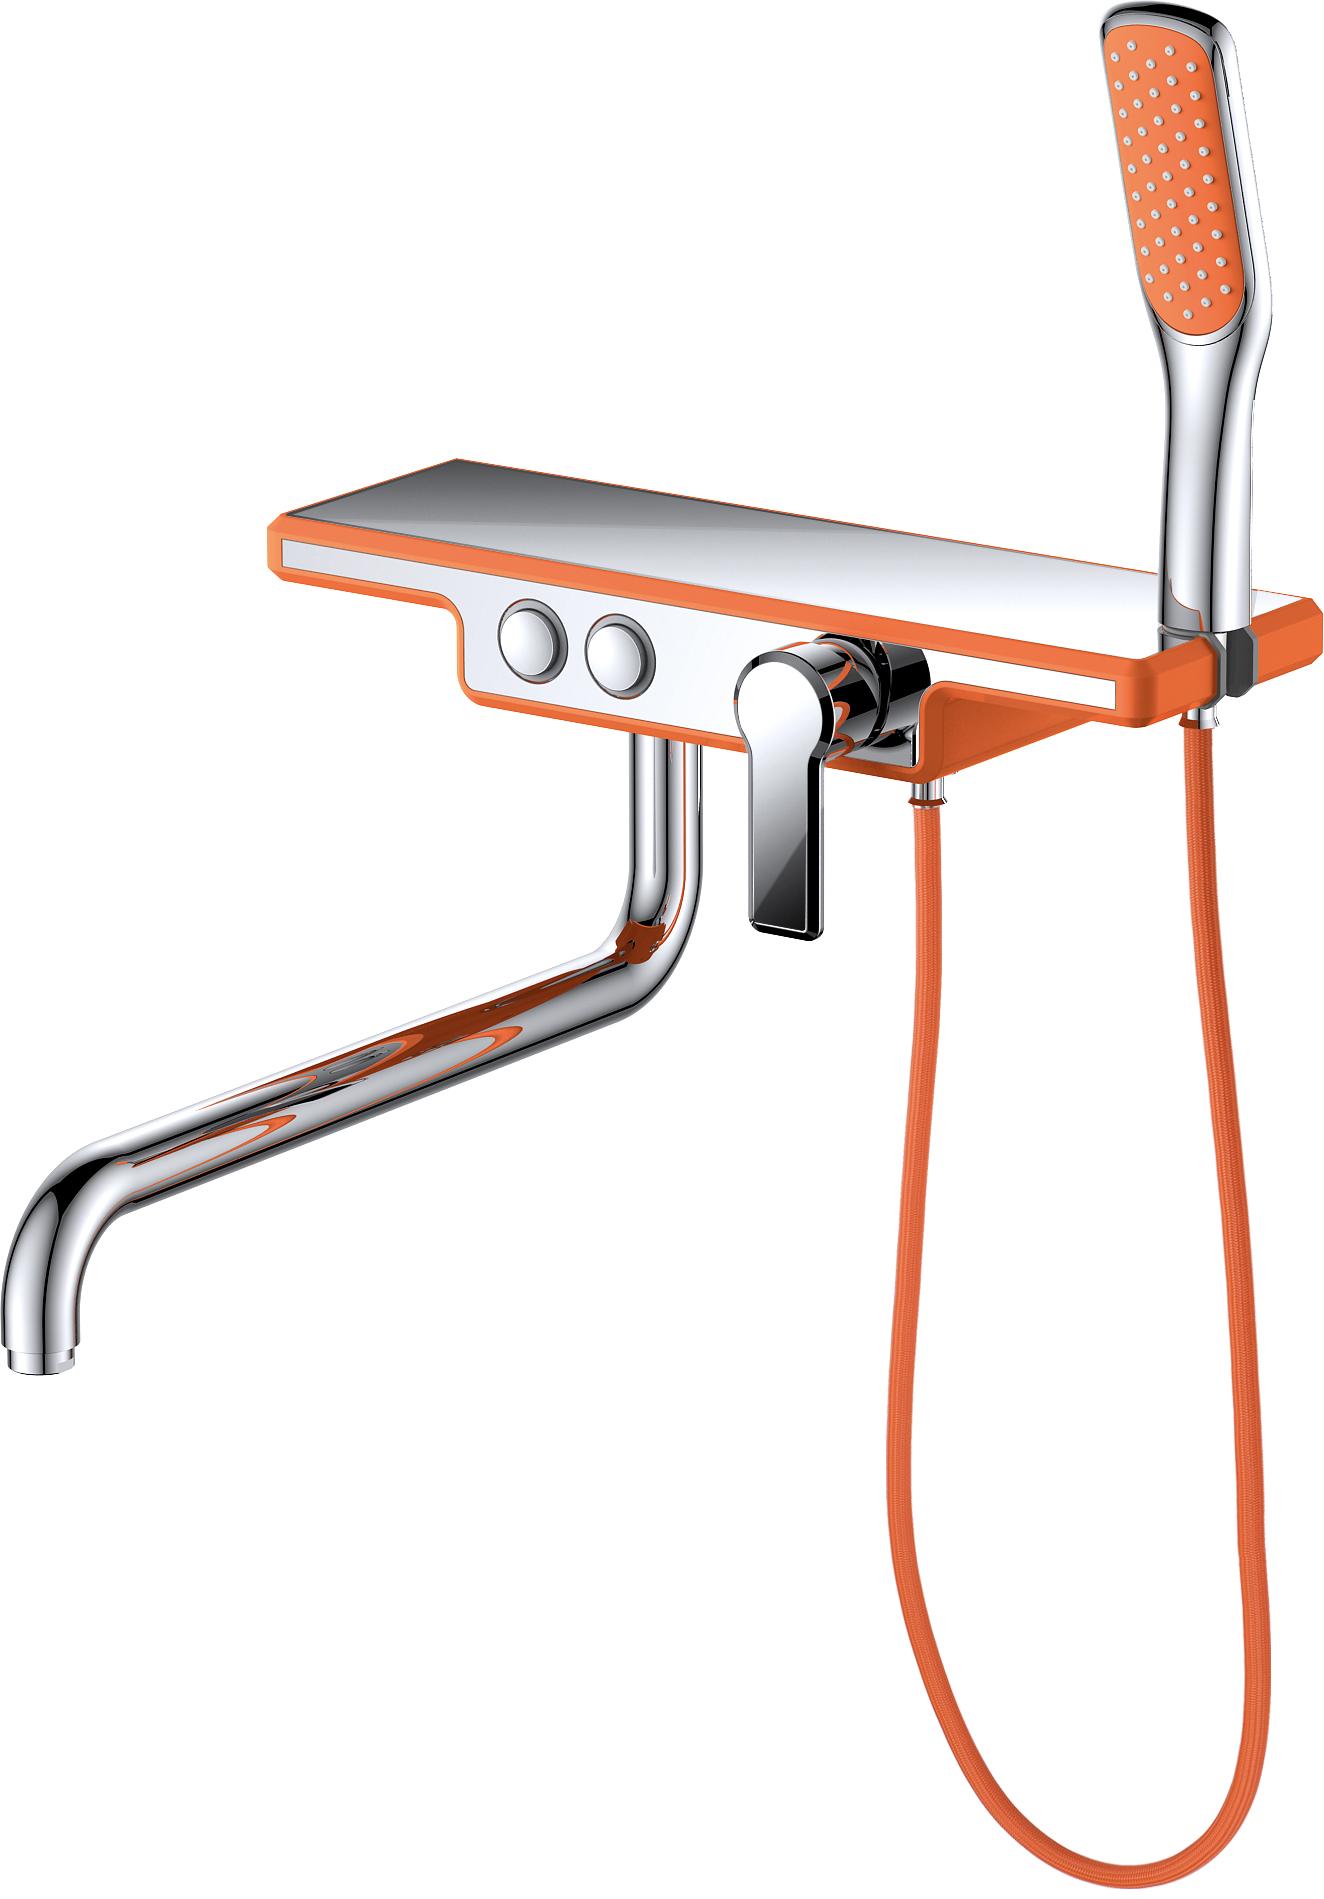 Смеситель для ванны с душем D&K Berlin.Kunste DA1443313 длинный излив оранжевый-хром